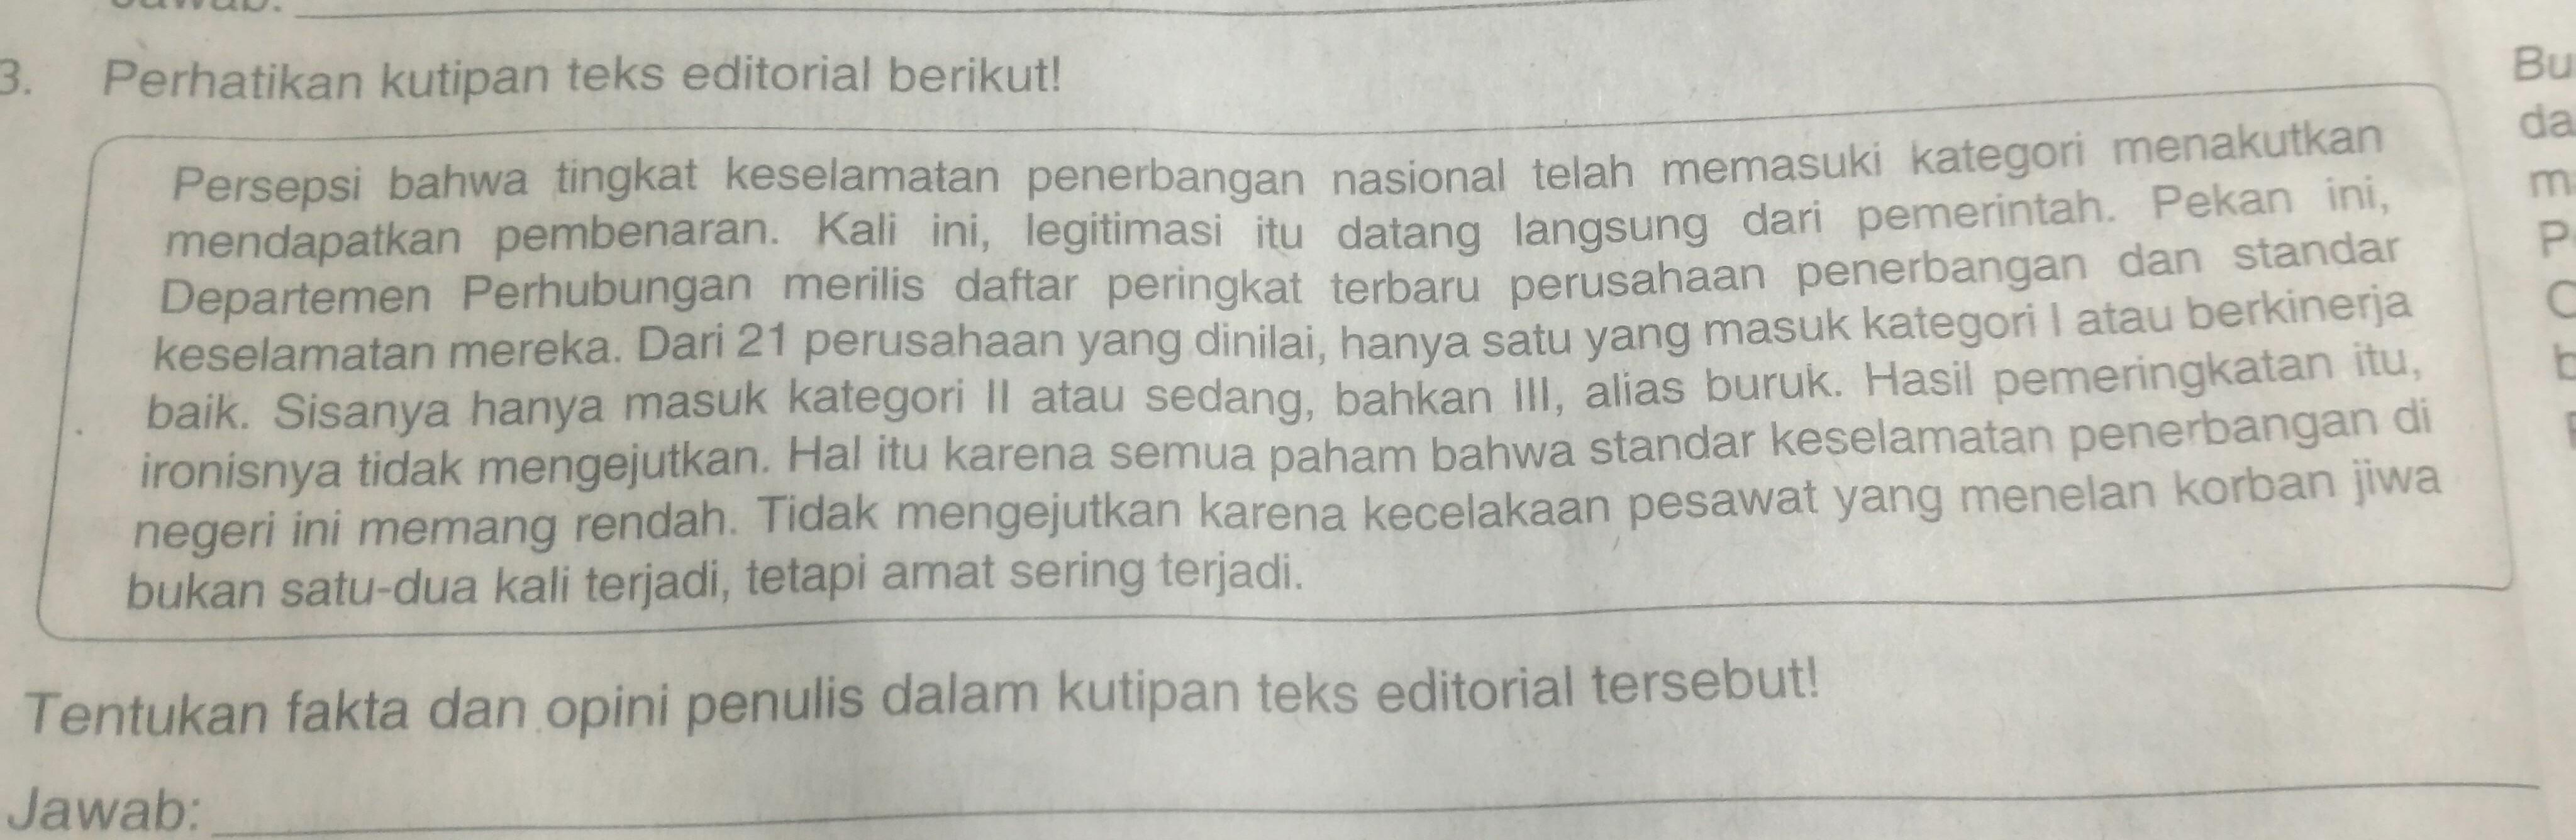 Tentukan kalimat fakta dan opini penulis dalam kutipan teks editorial tsb! **yg kalimat opini ...